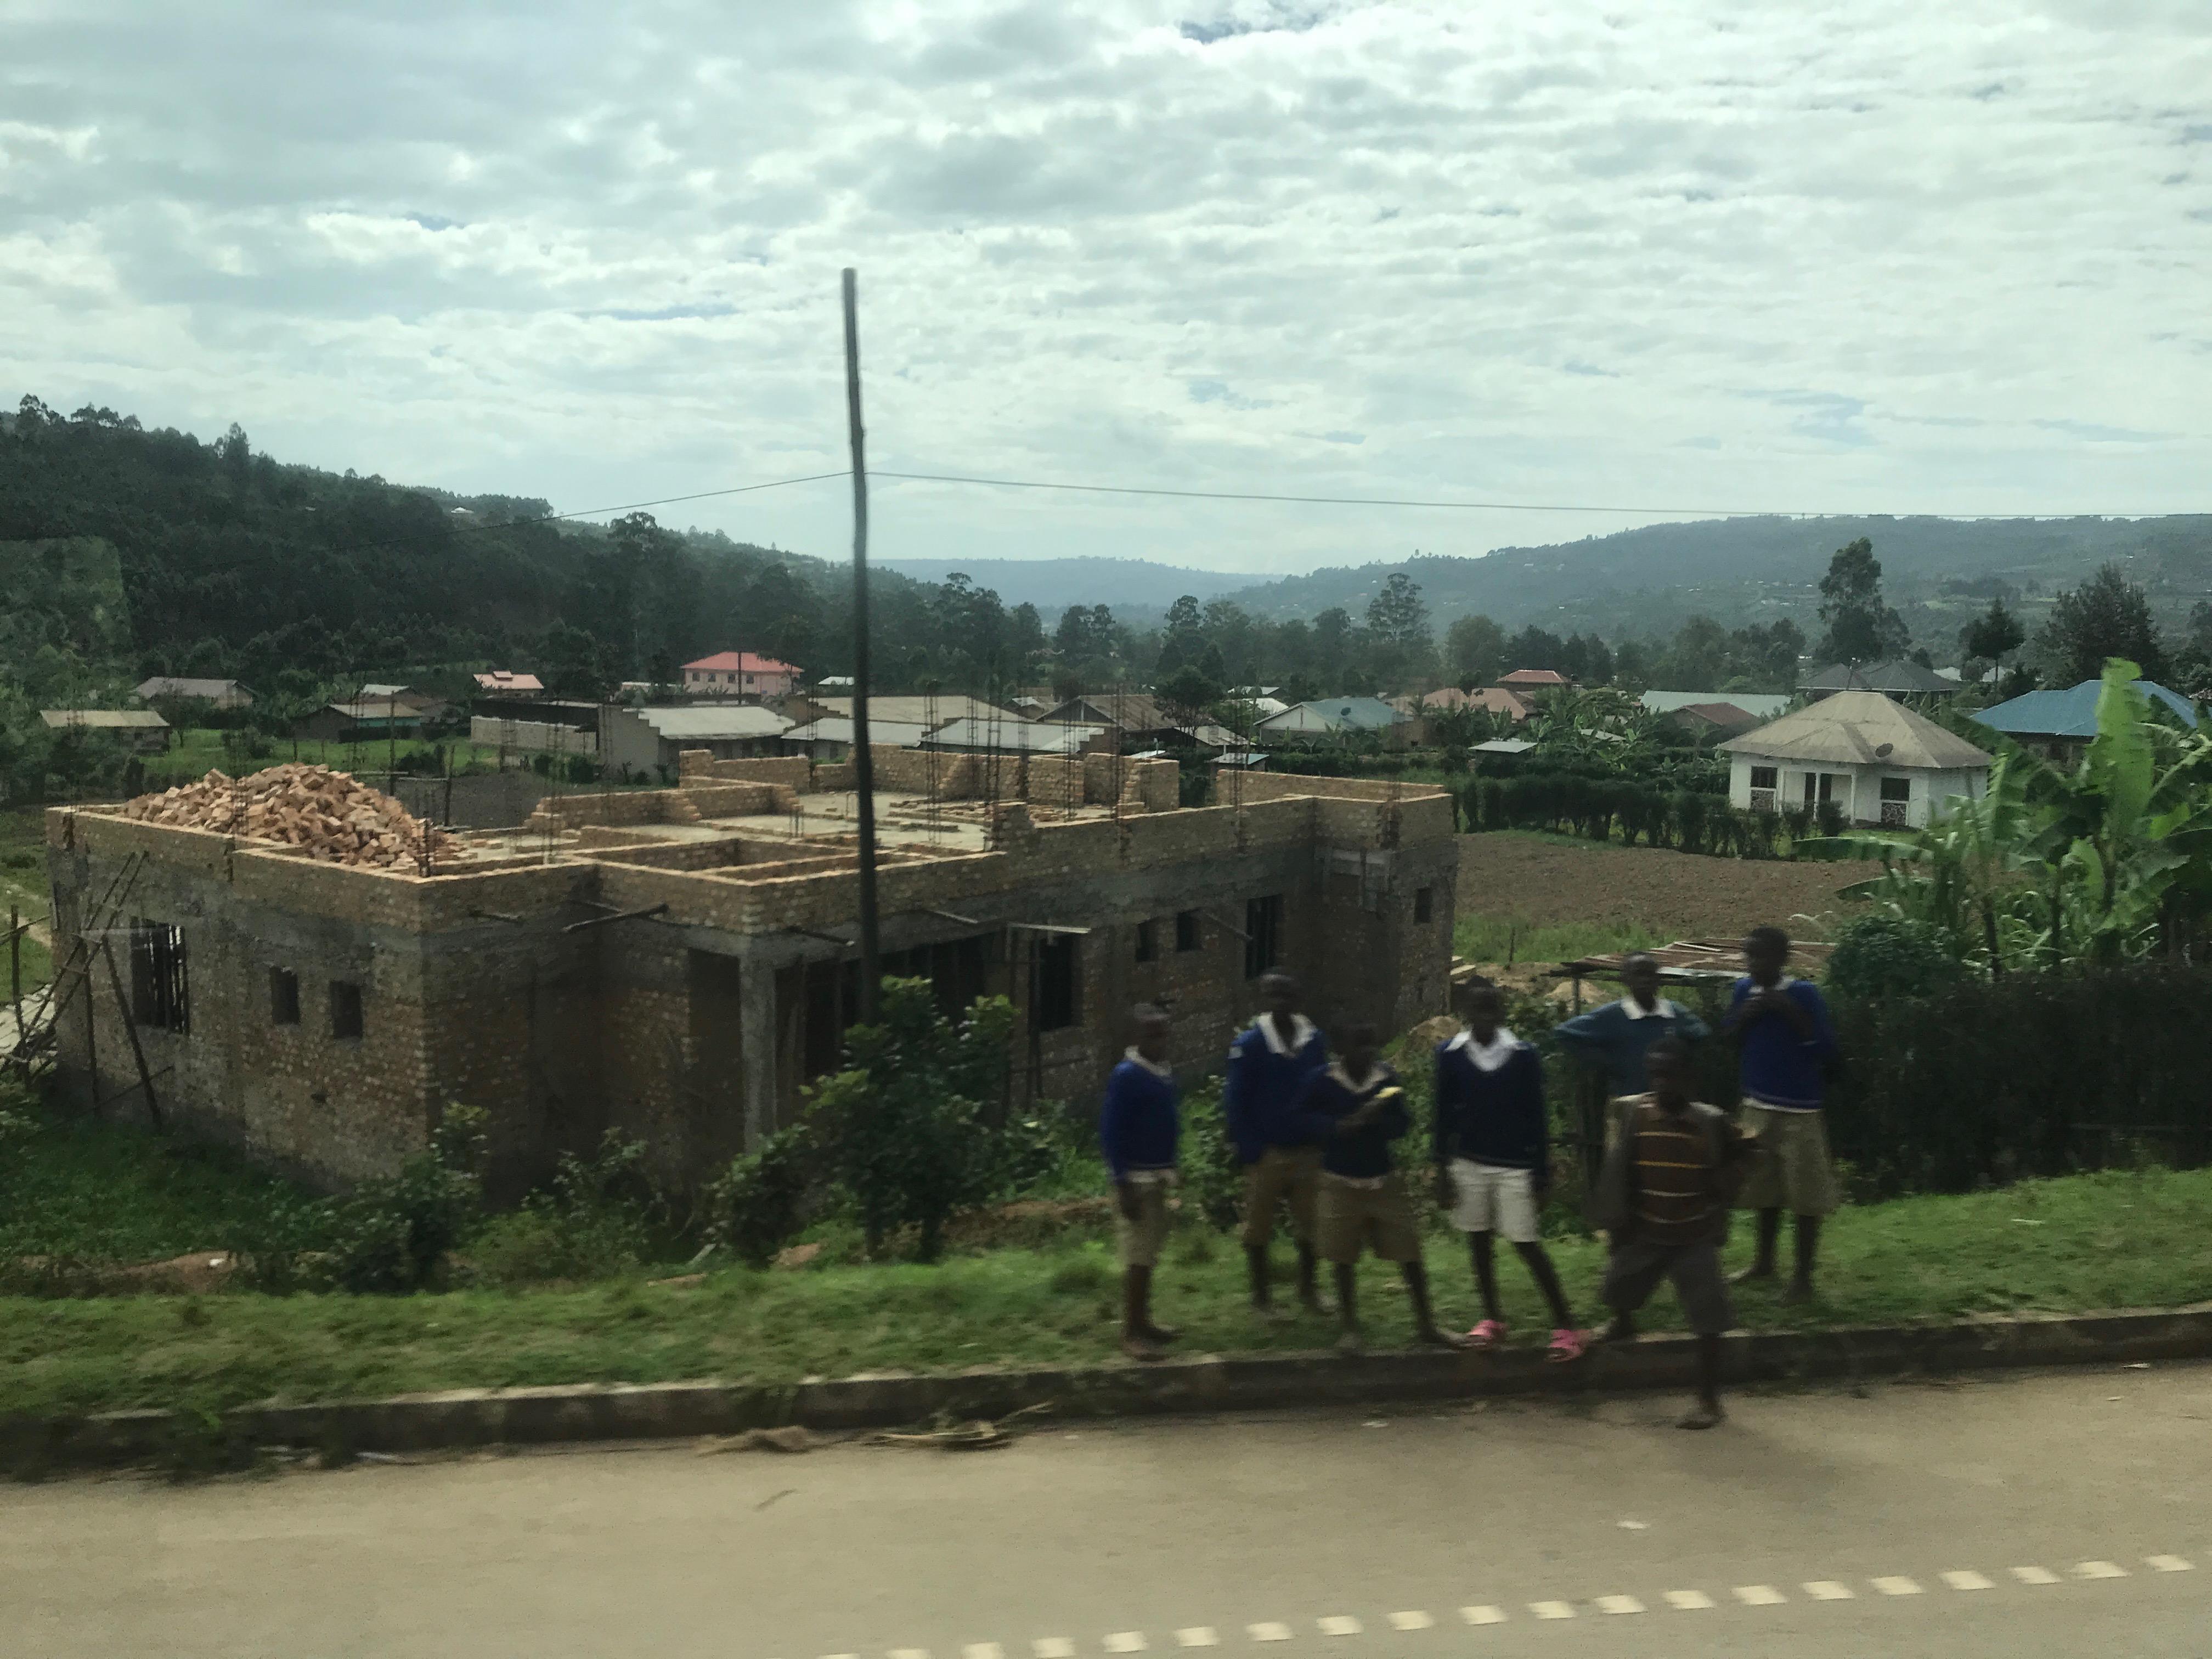 ウガンダとルワンダの国境